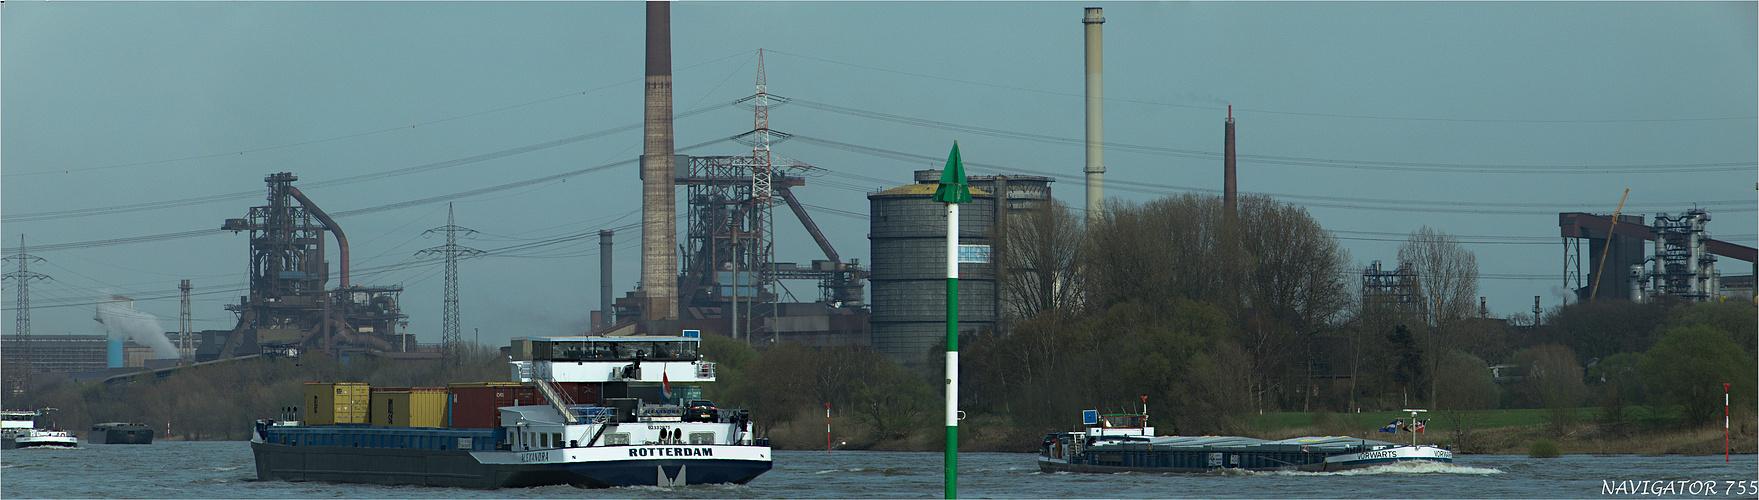 HKM Duisburg.